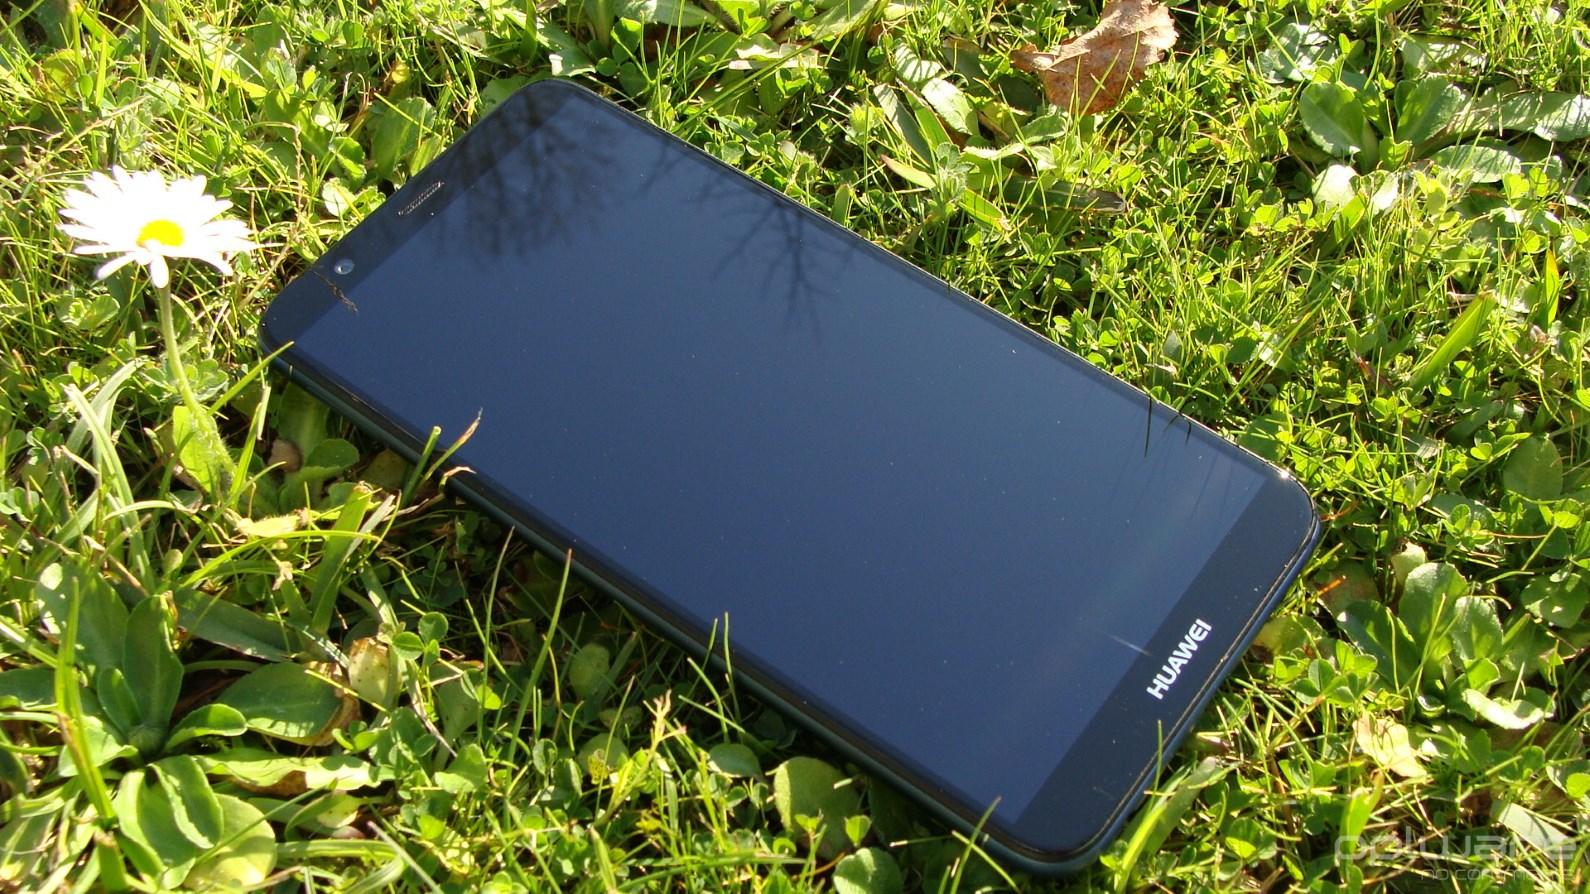 """5c7620fc8f Este ecrã """"esticado"""" no comprimento capacita o Huawei P smart da  funcionalidade de ecrã dividido"""